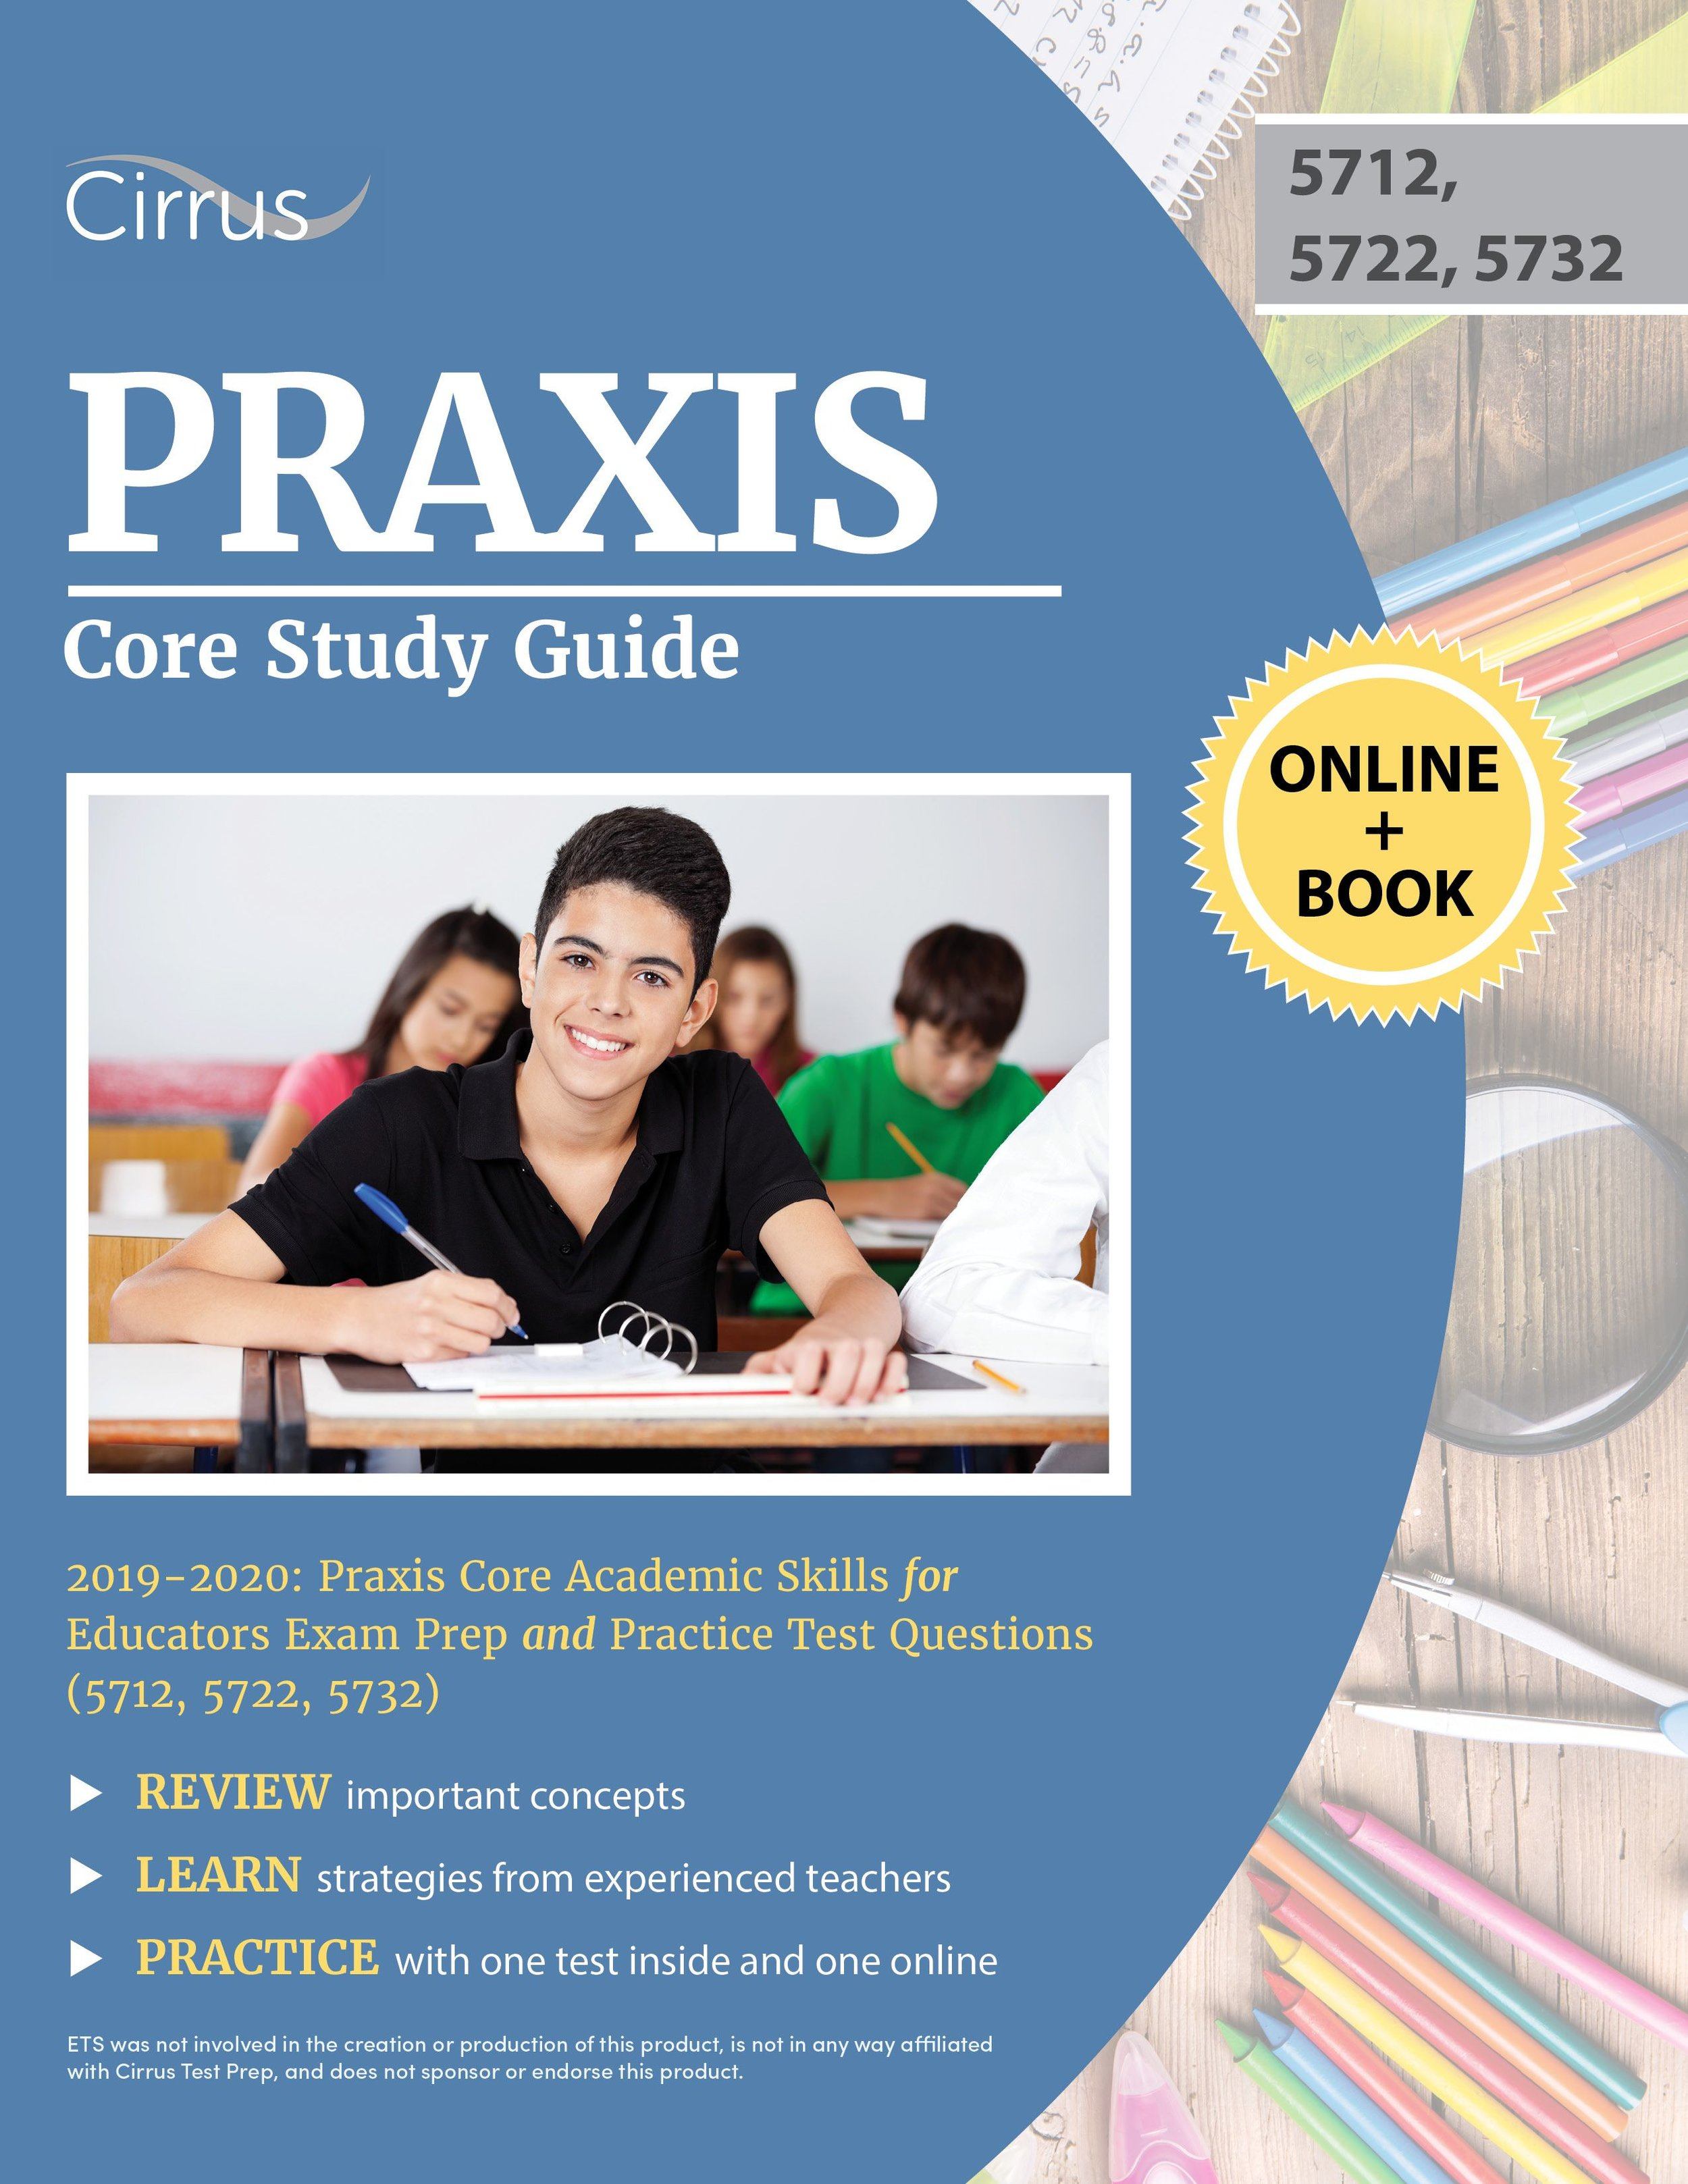 praxis_core_cover_website-compressor.jpg